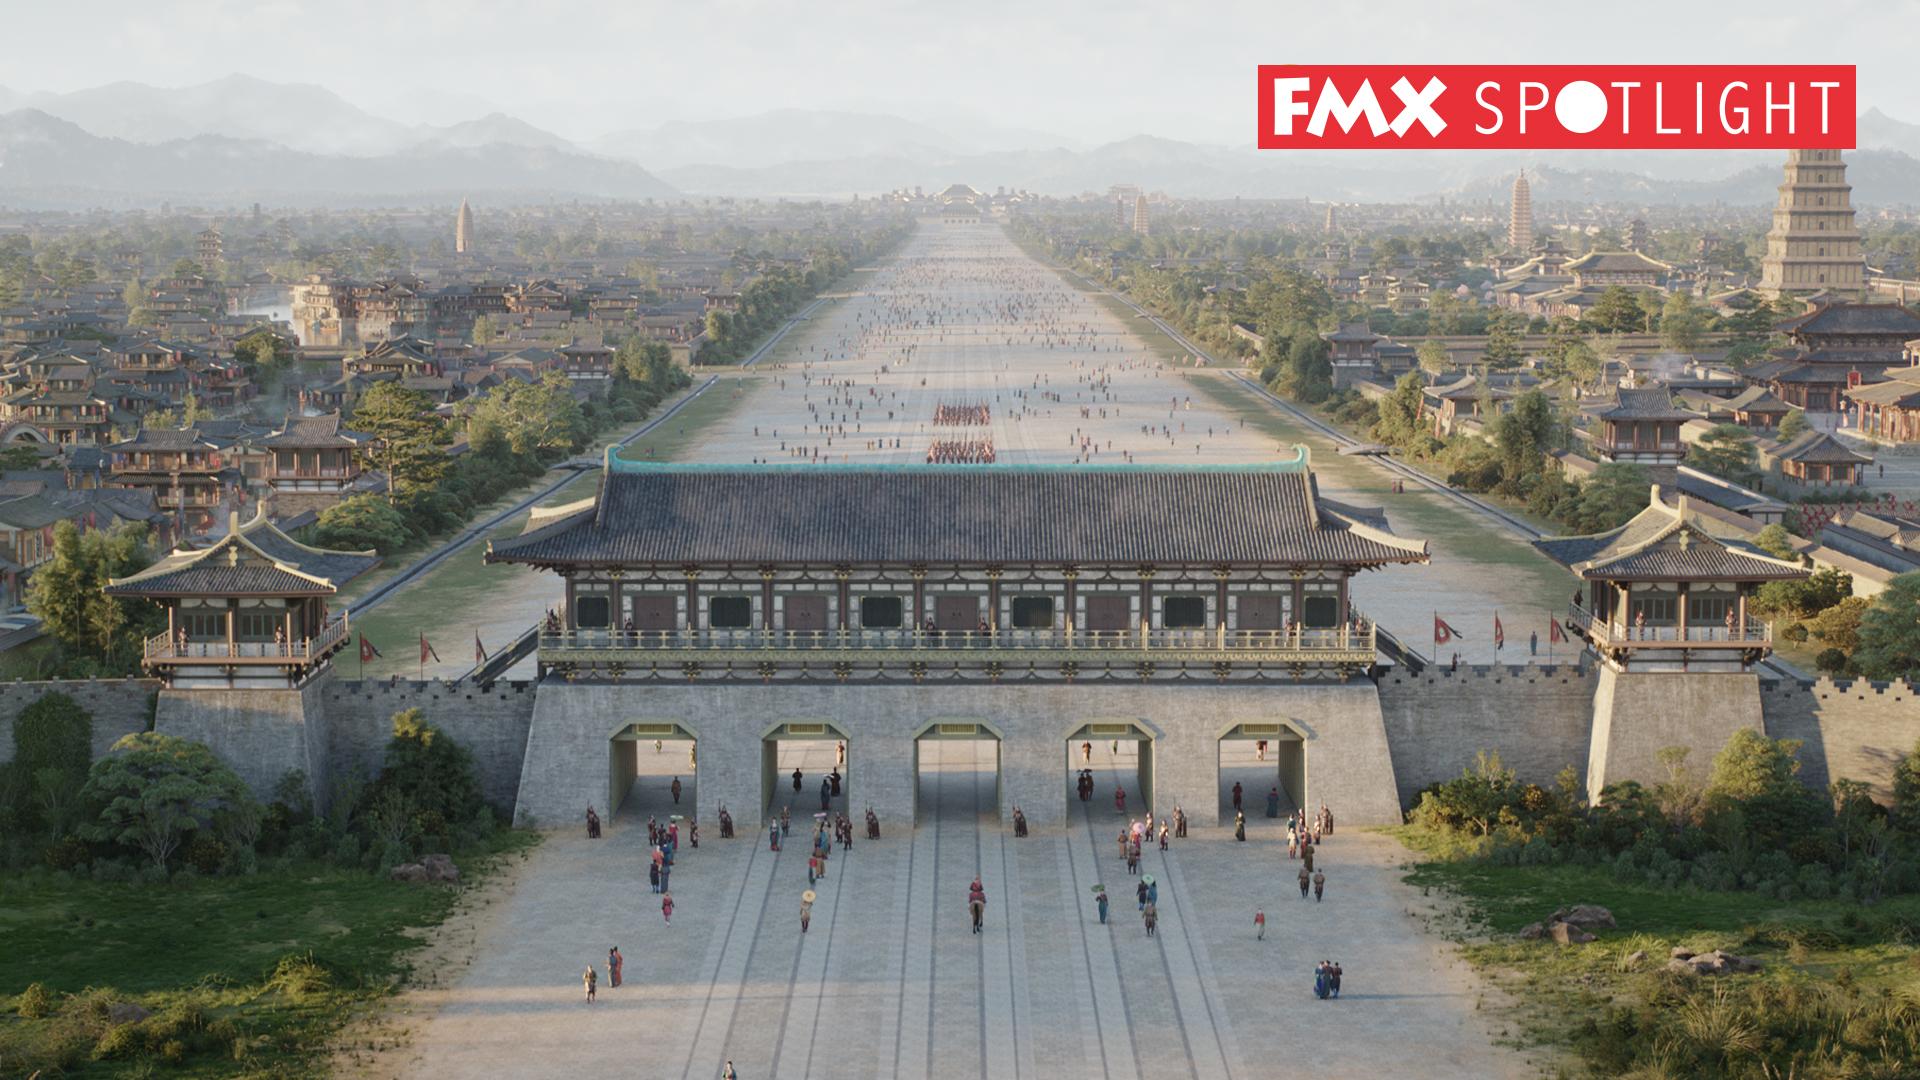 FMX Spotlight on MULAN